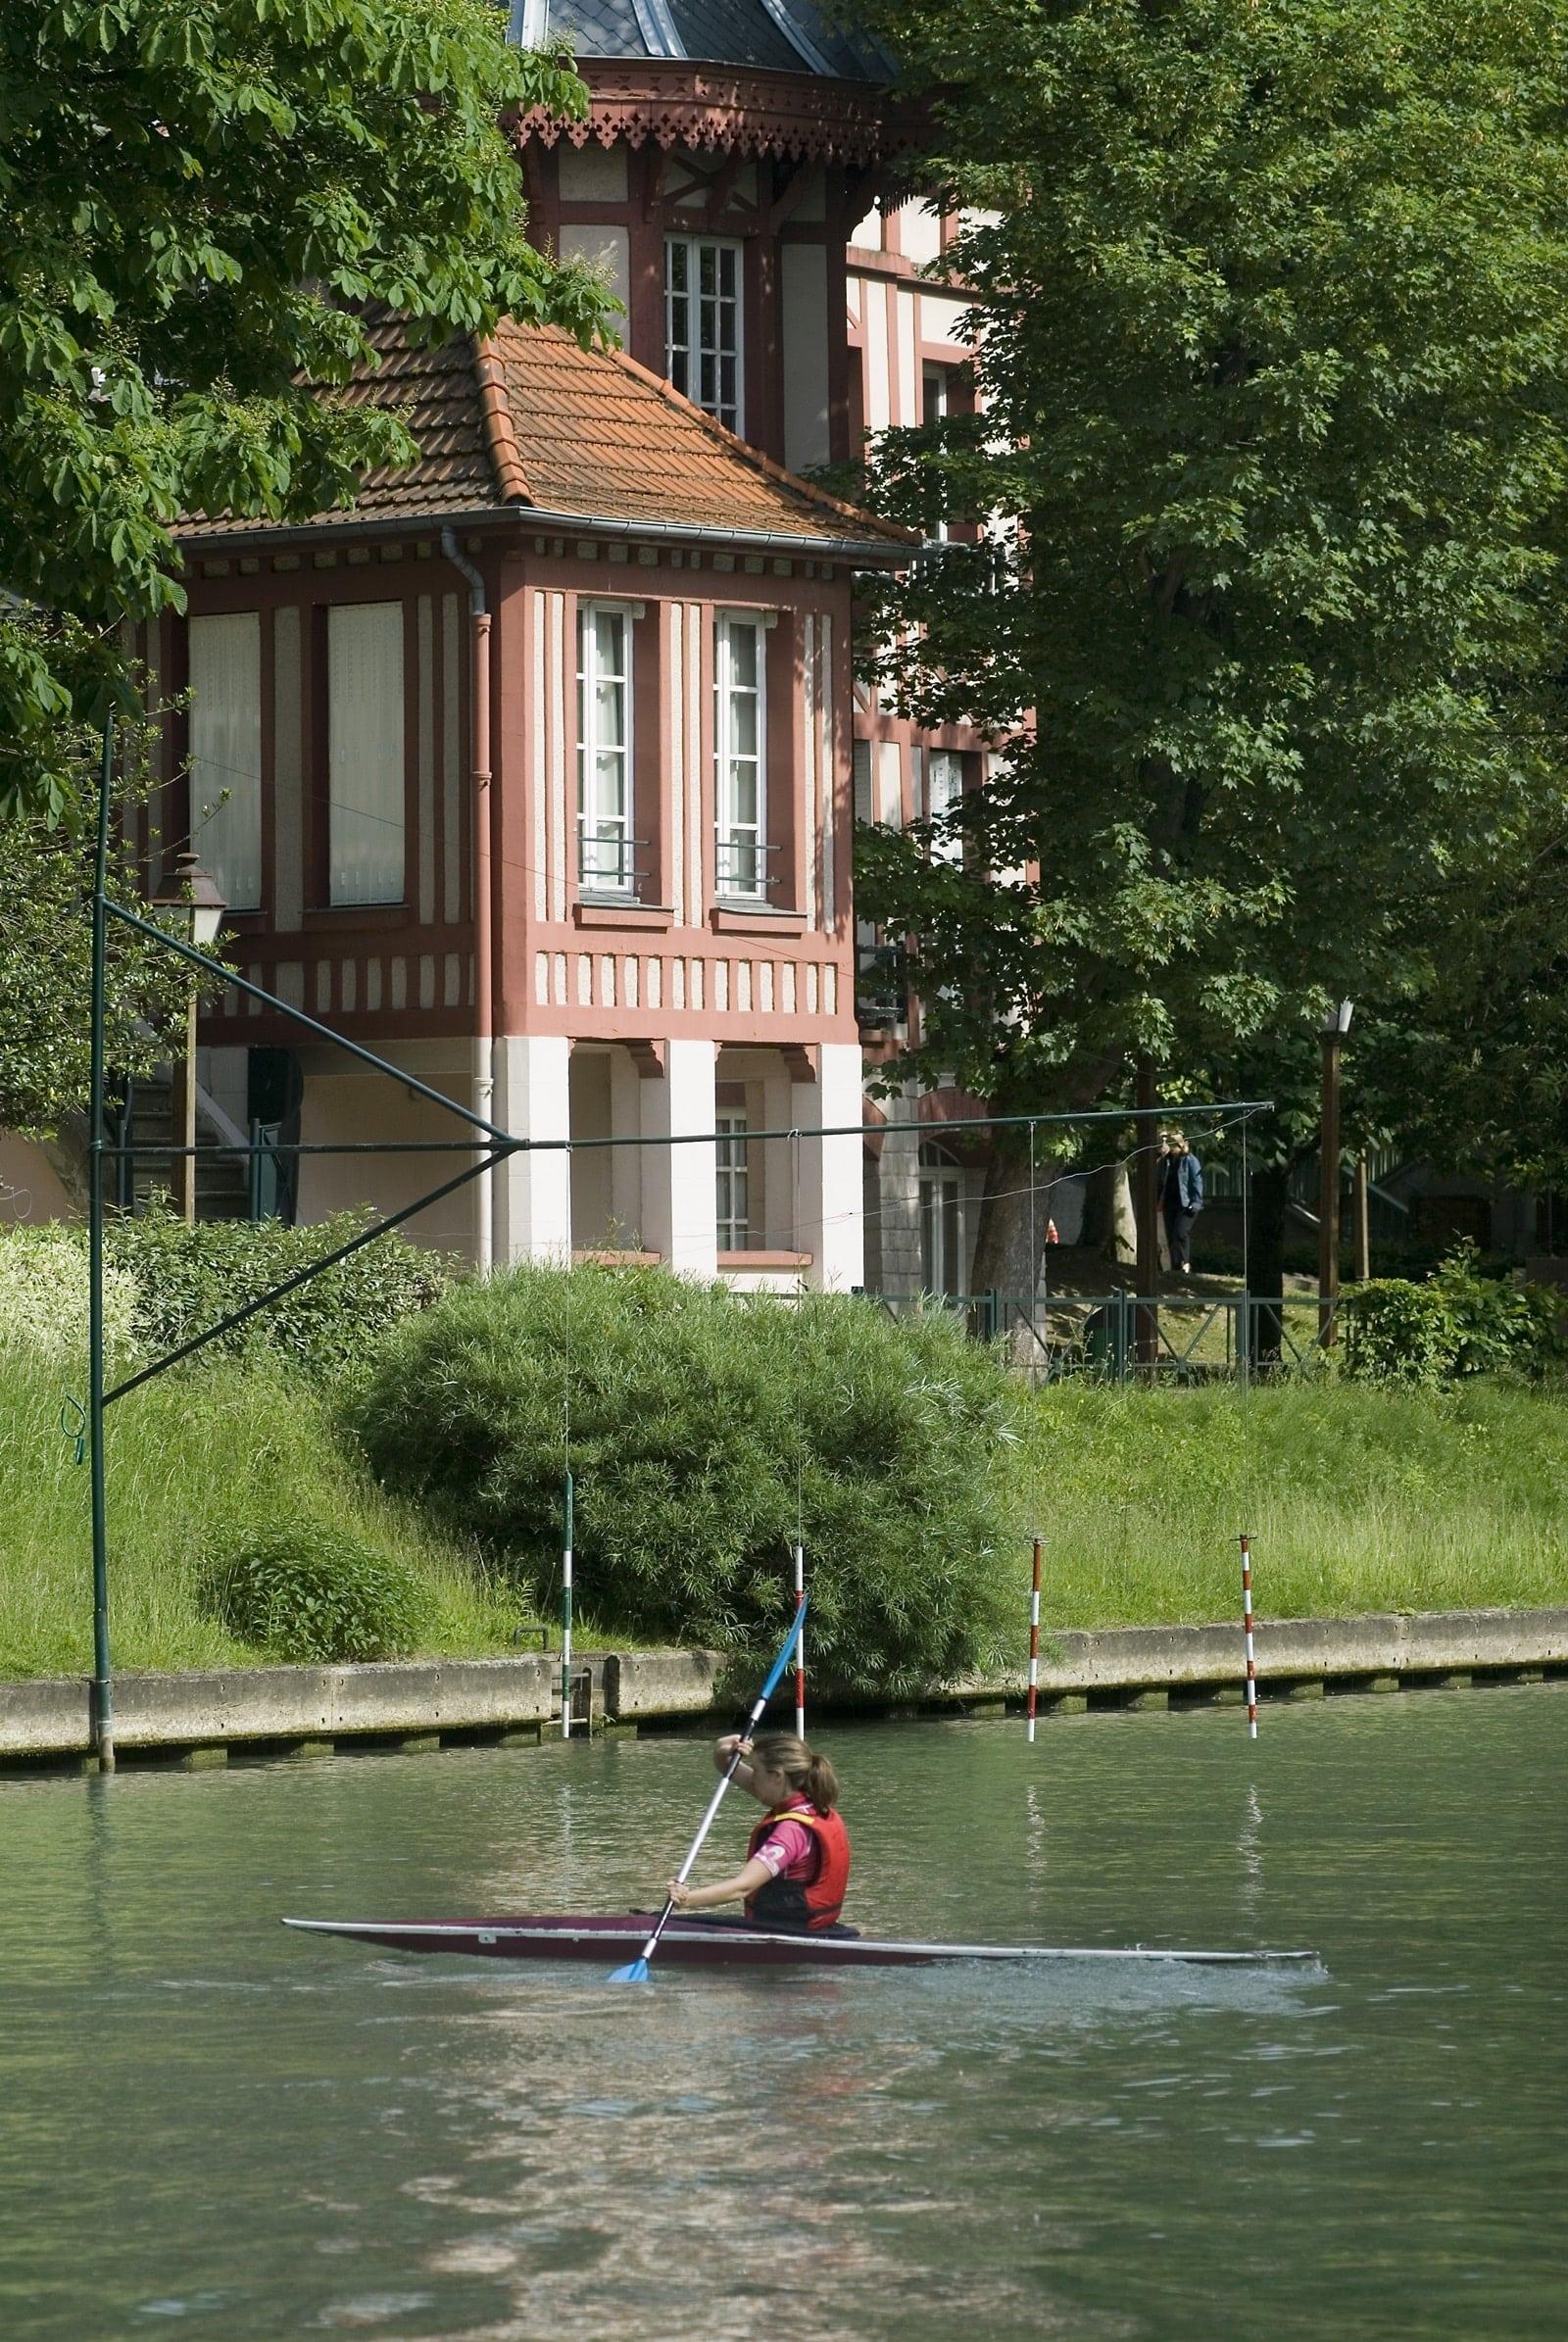 kayak-fanac-joinville-min-min